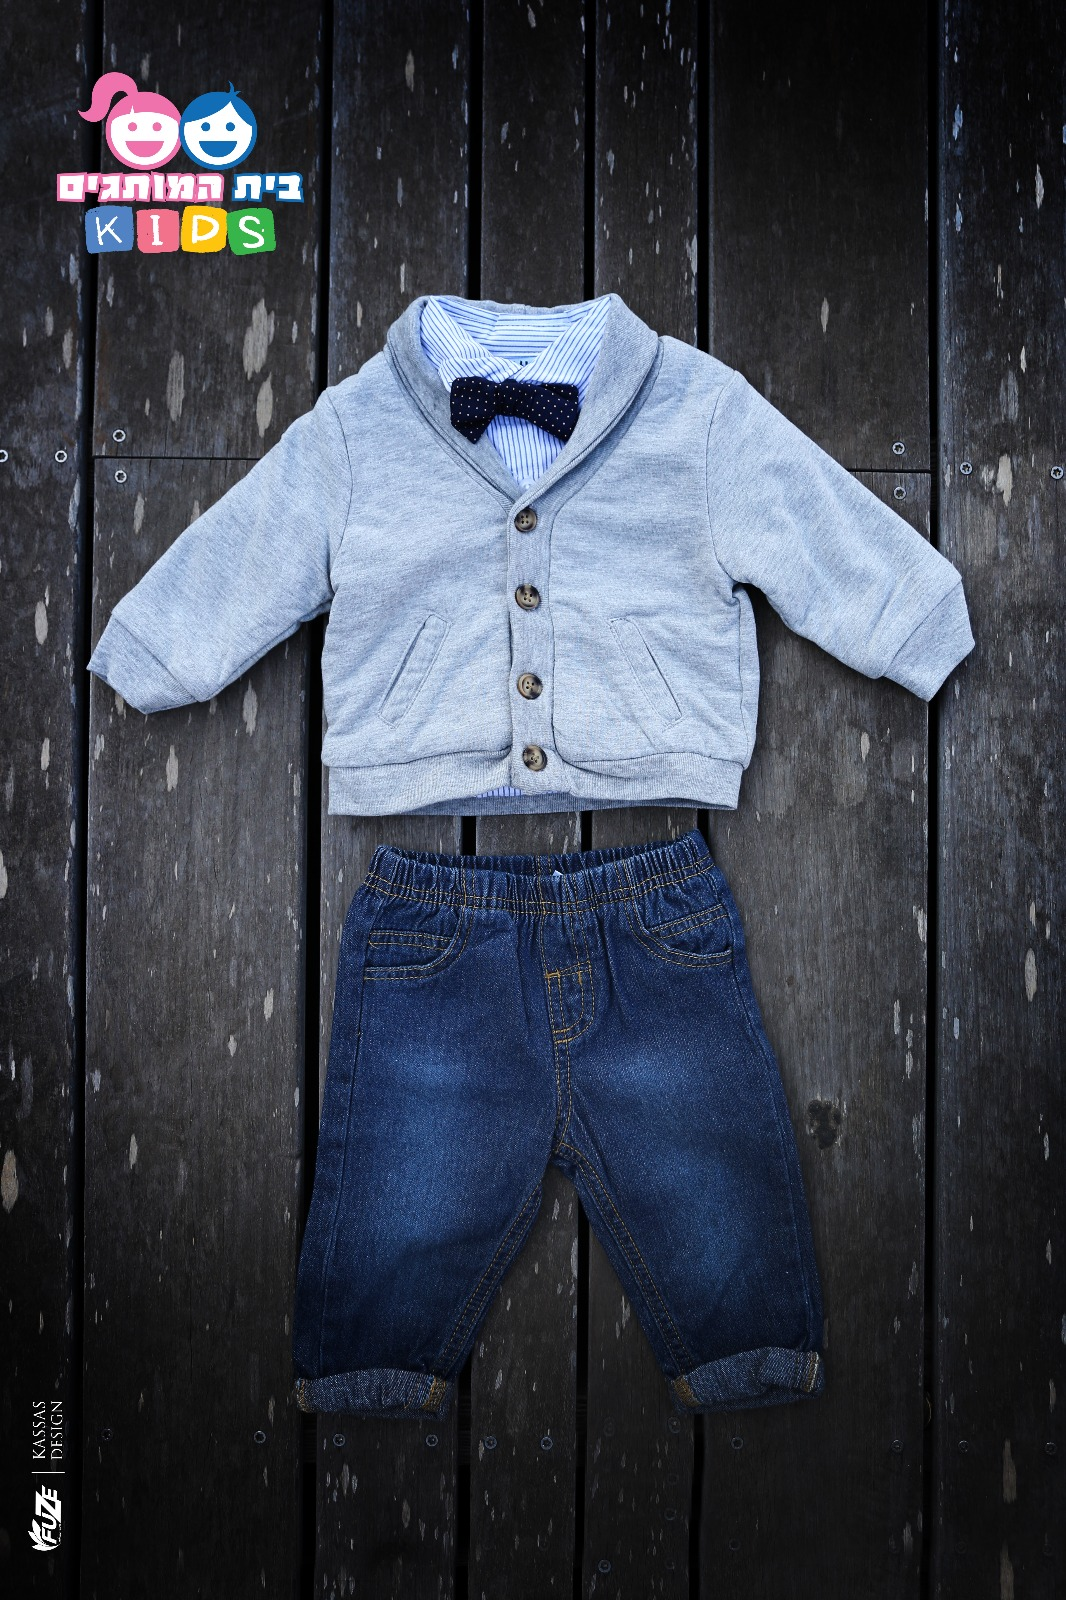 حملة تخفيضات حتى نهاية الشهر في محلات بيت هموتجيم Kids لملابس الاطفال بيافا